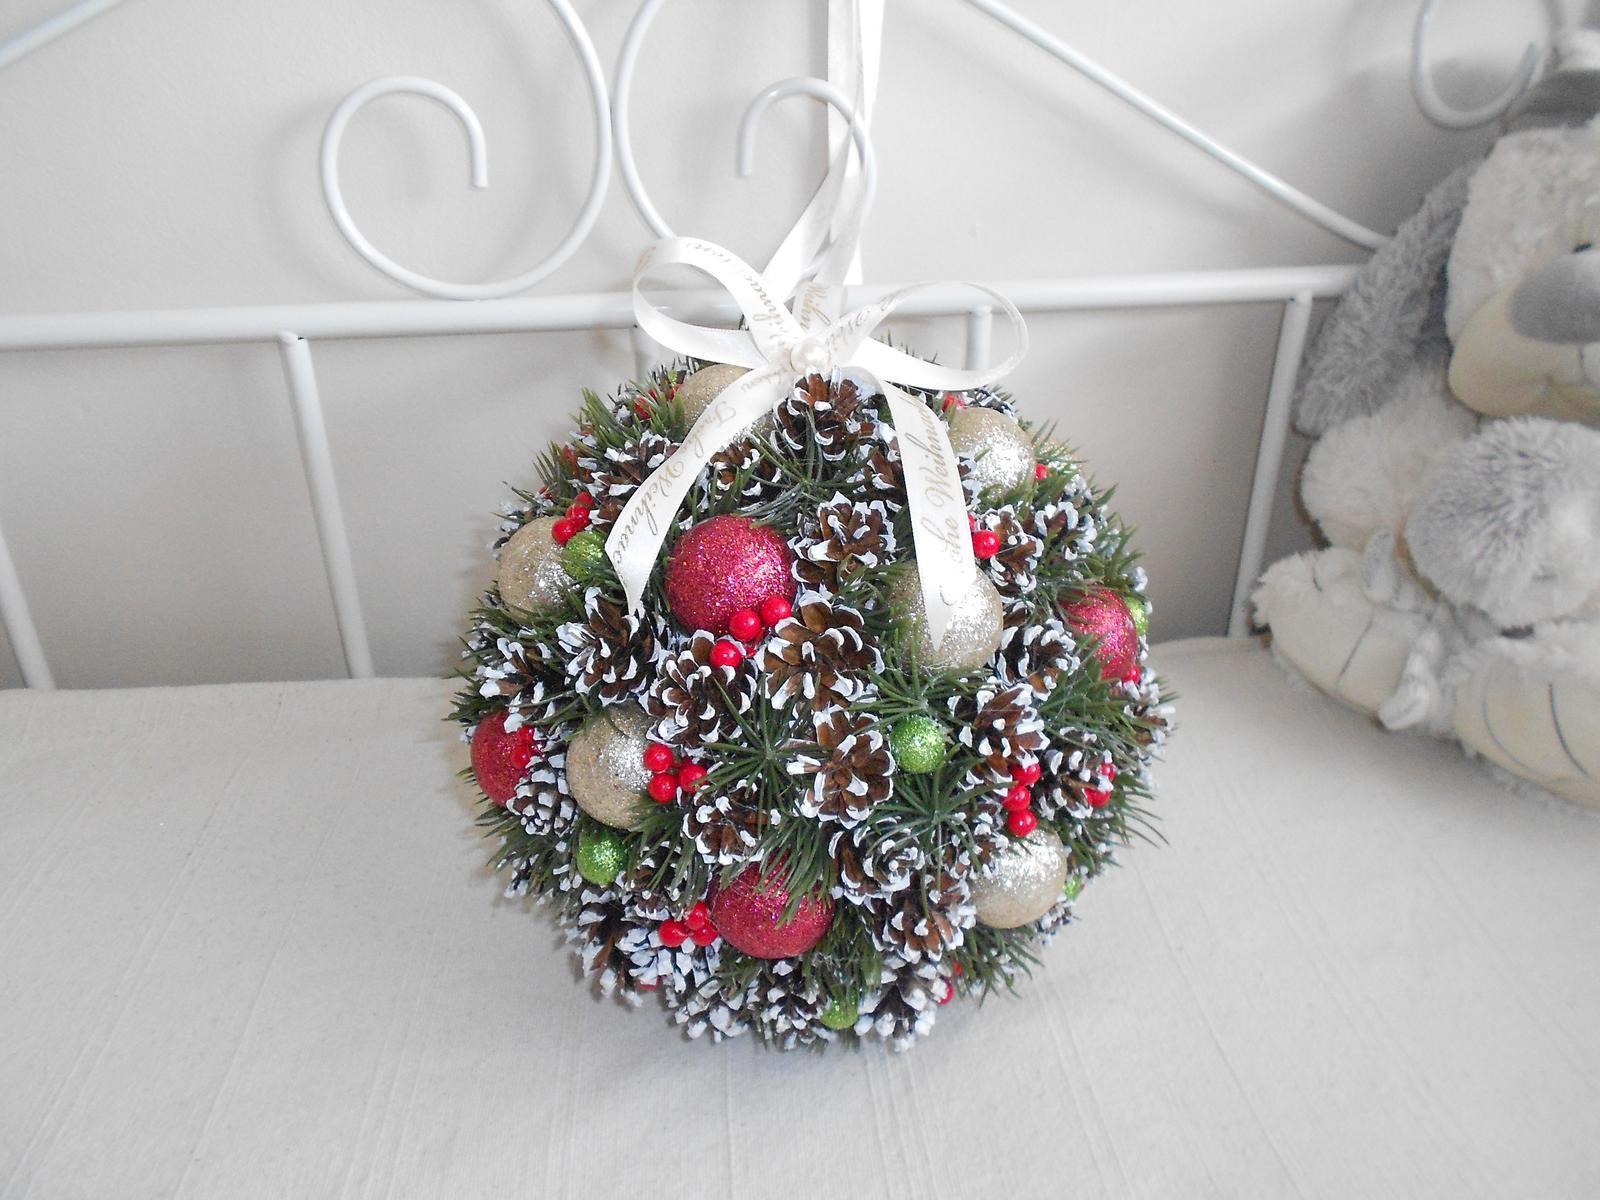 vianočná guľa - Obrázok č. 1